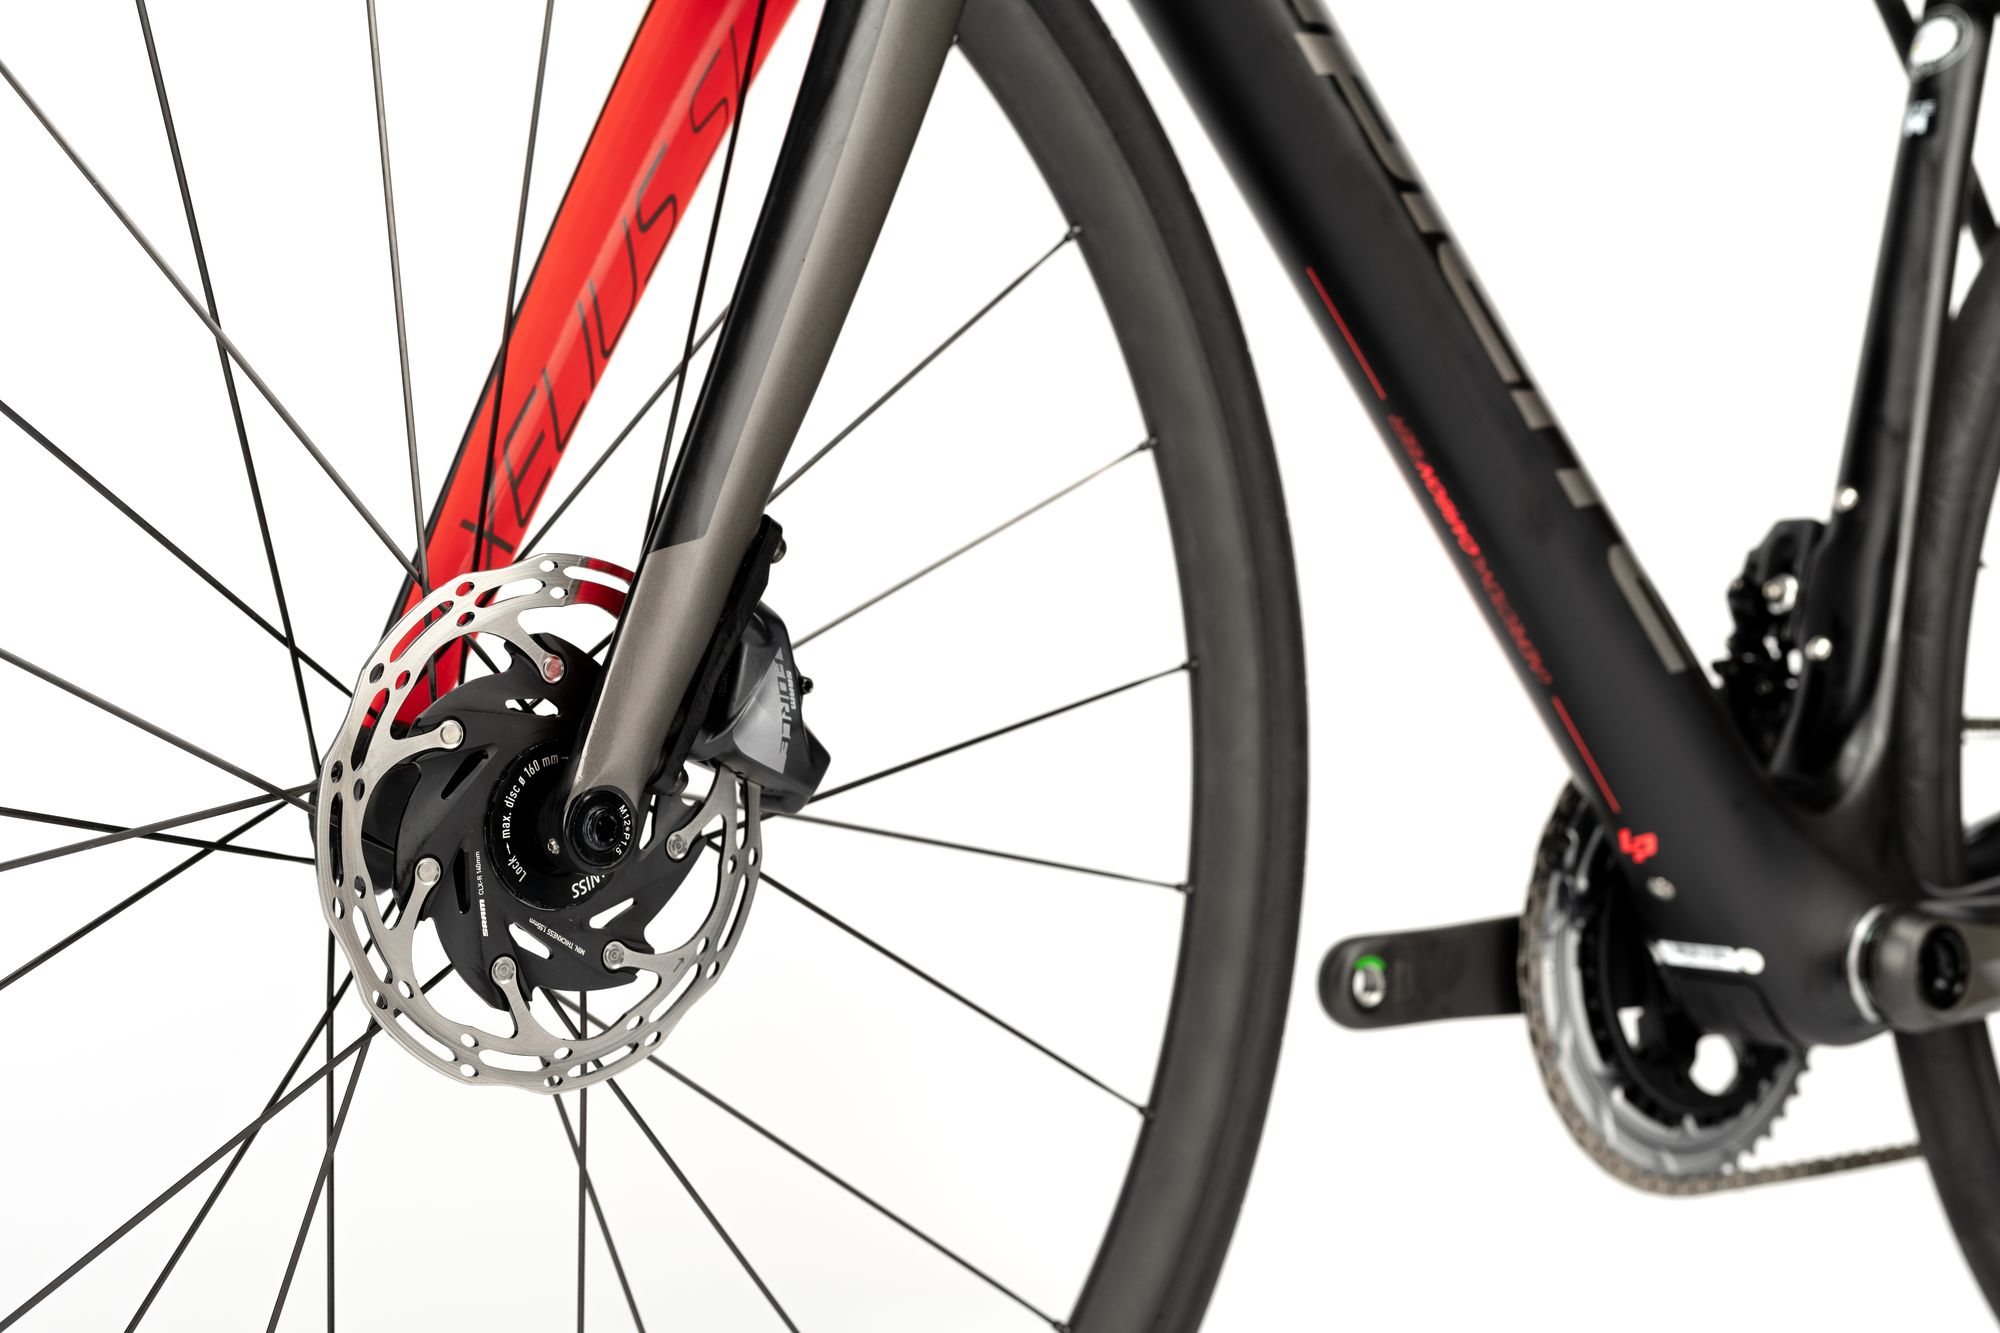 5799ed0c31d Lapierre XELIUS SL 700 DISC FORCE AXS - 2019. 4699,00 €. vélos Lapierre. Le  ...